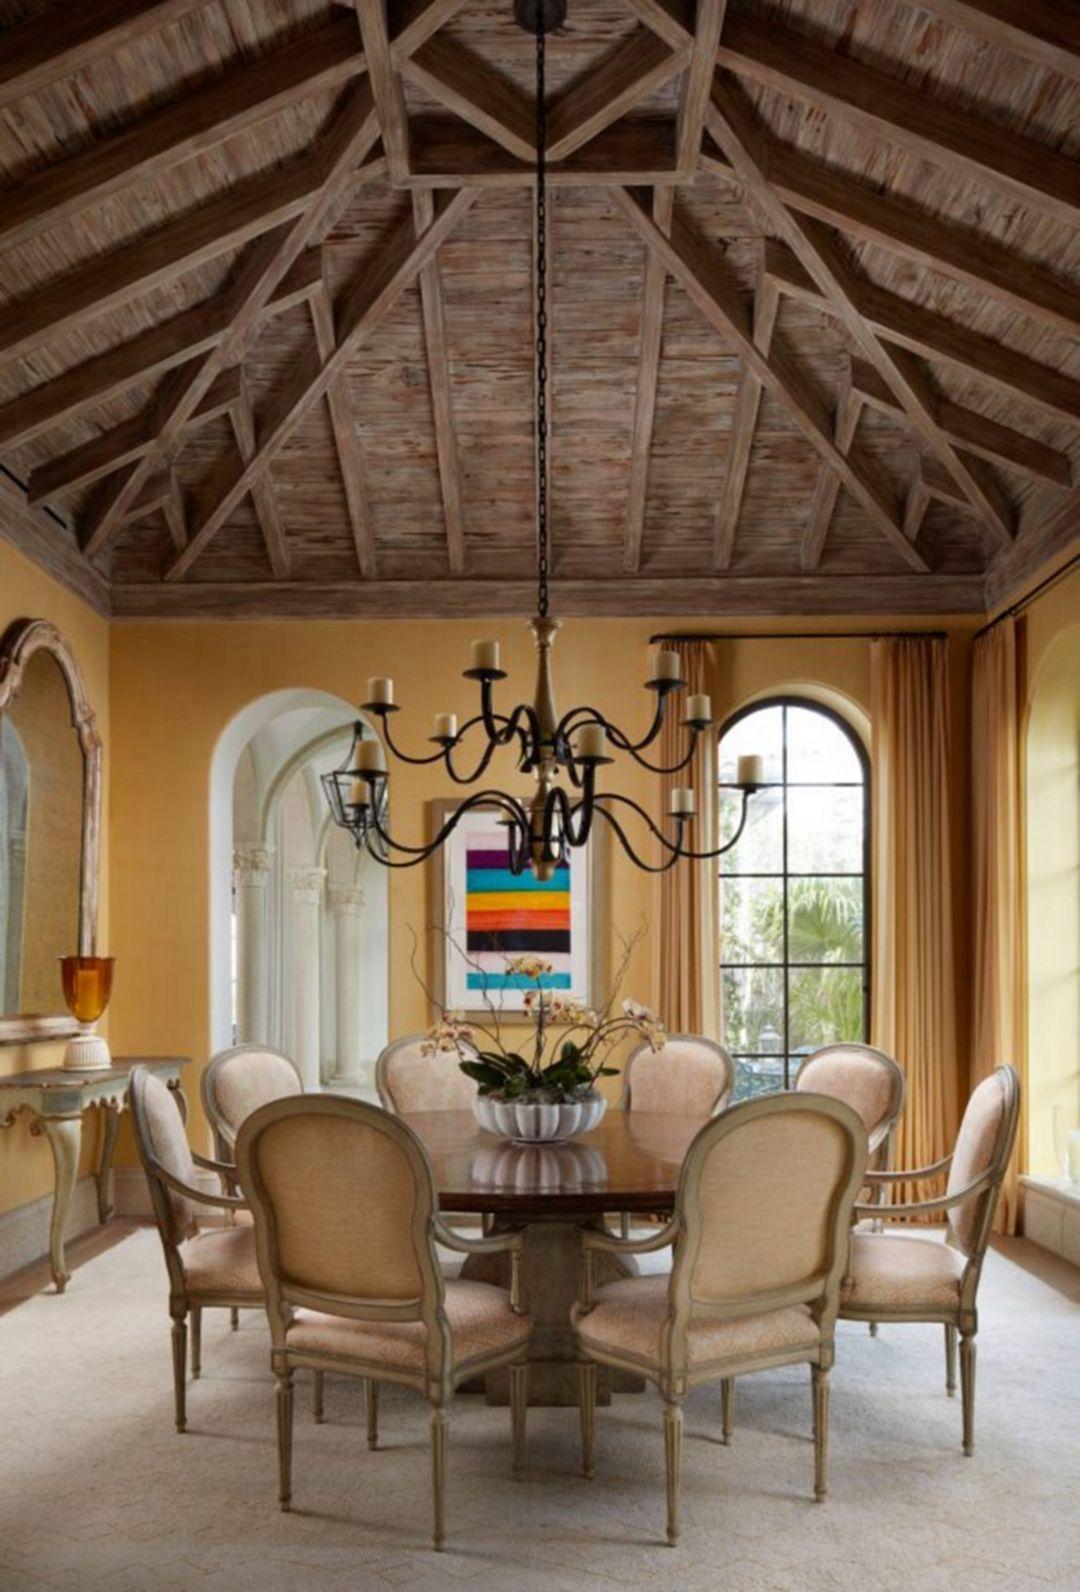 Room Mediterranean StyleDining DesignDining